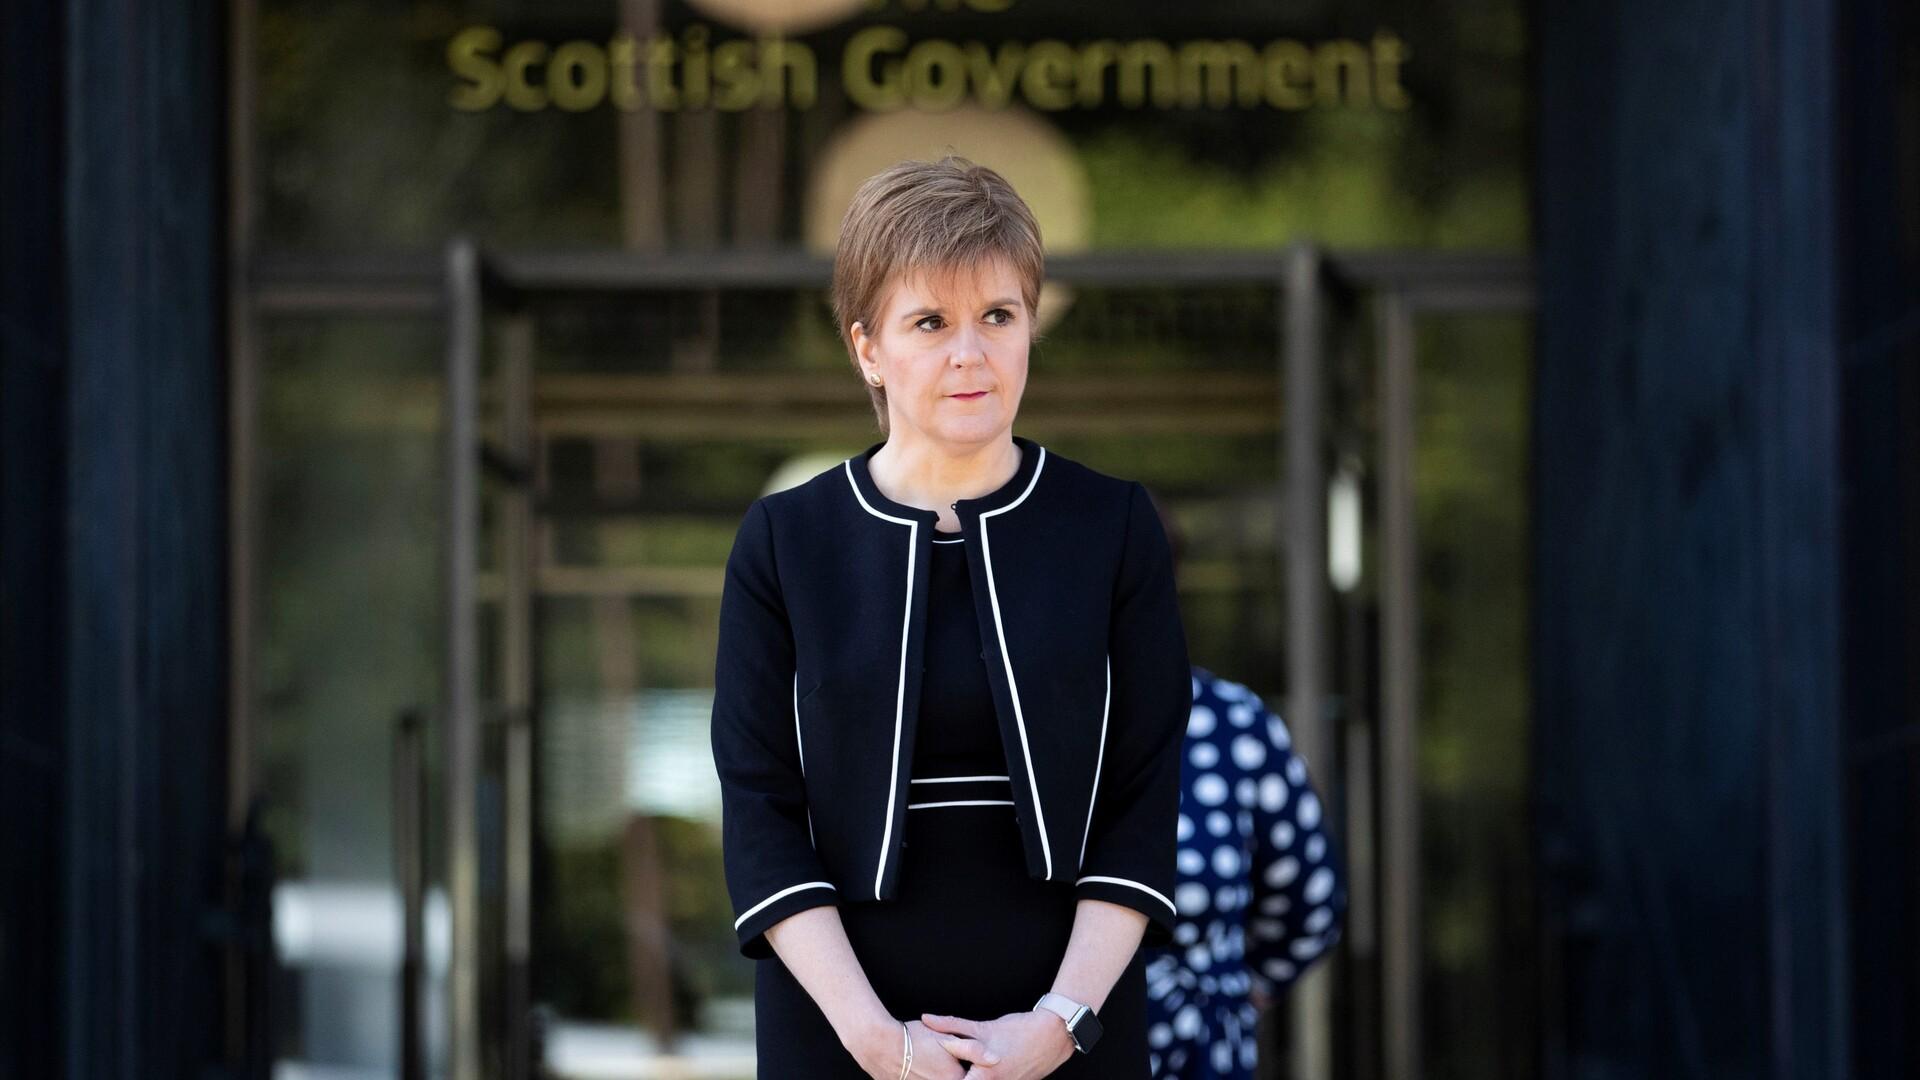 Historiker Tom Devine om Skotland: Under COVID-19 føltes det som om, vi levede i en fuldstændig uafhængig stat